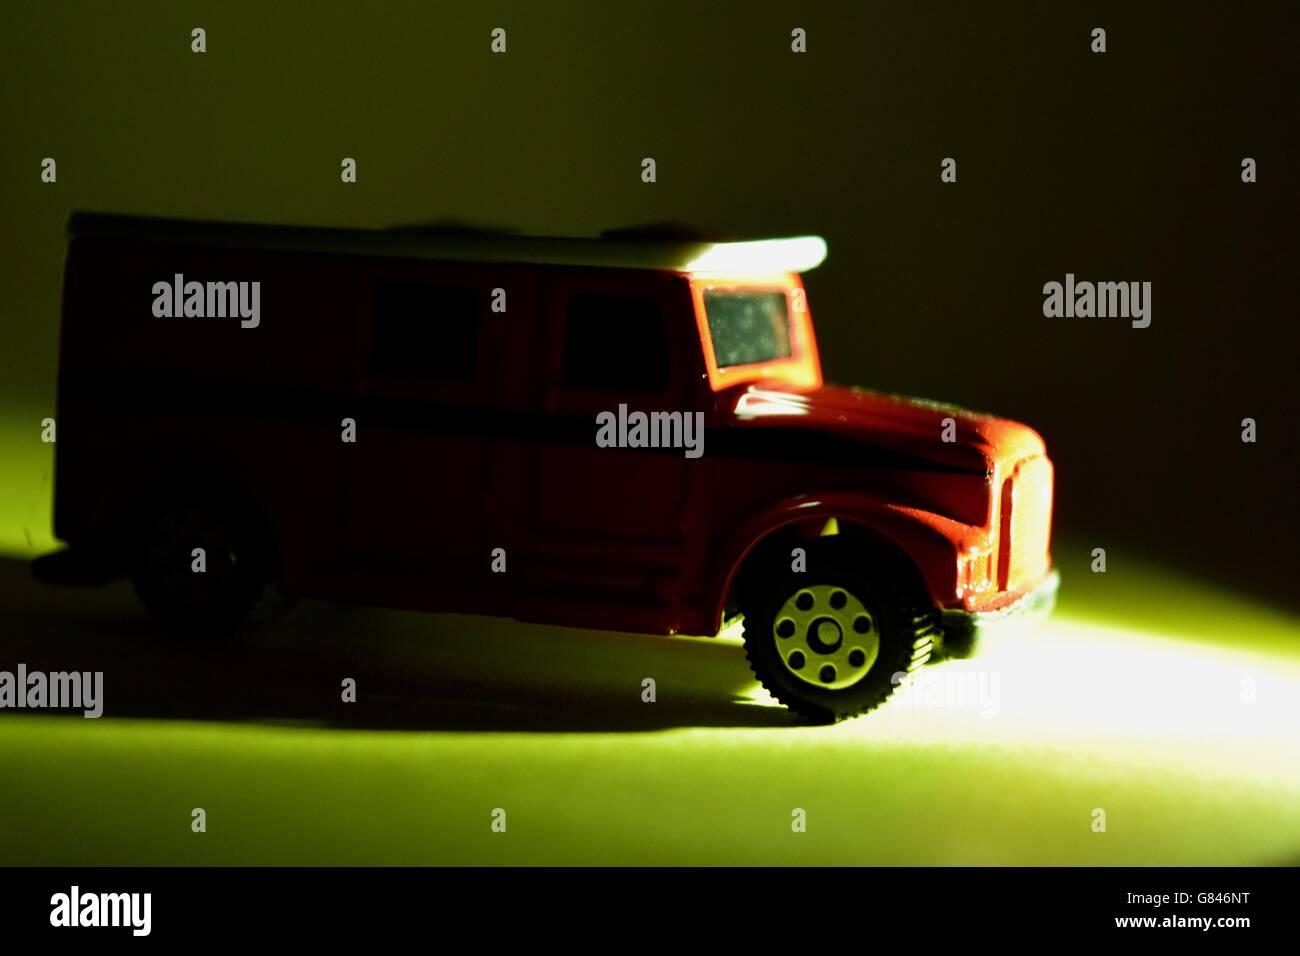 Plain Background, Bus, Red, Souvenir, Single Object, Toy, Double Decker Bus, British Culture, Colour Image, Model, - Stock Image